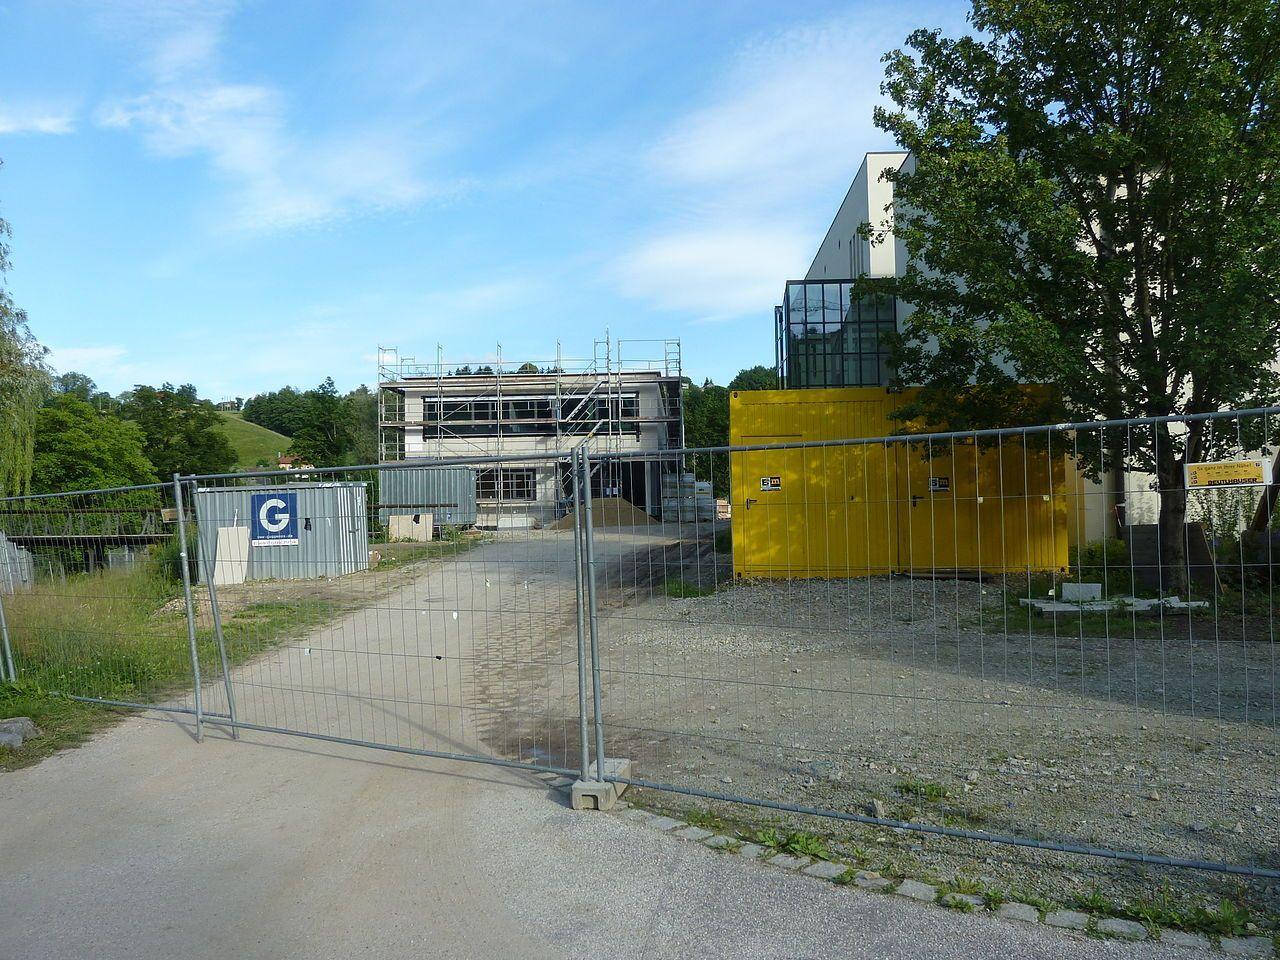 Hetzjagd auf Andersdenkende auf dem Gelände der Universität Passau?